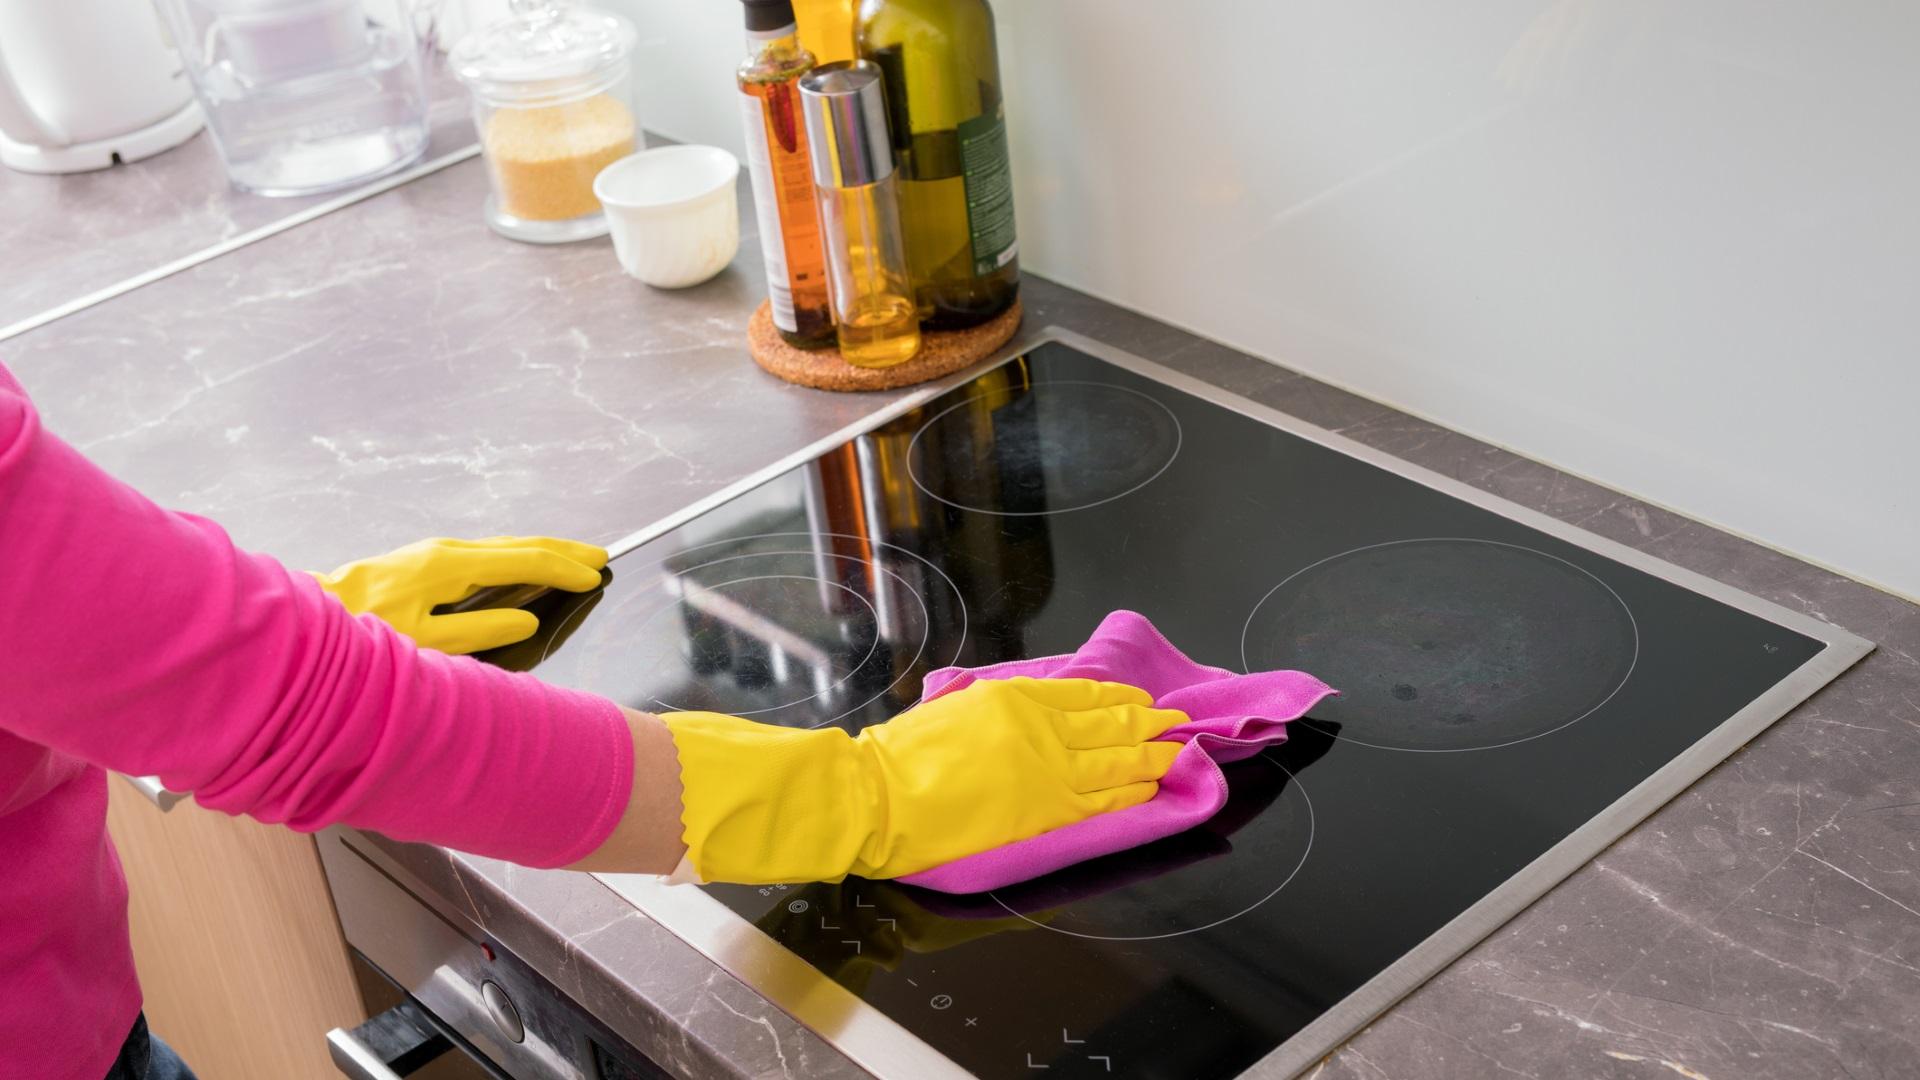 Дезинфекцирайте гъбата, като я накиснете с вода и пуснете в микровълновата на максимална мощност за 2 минути. Това убива 99% от микробите.